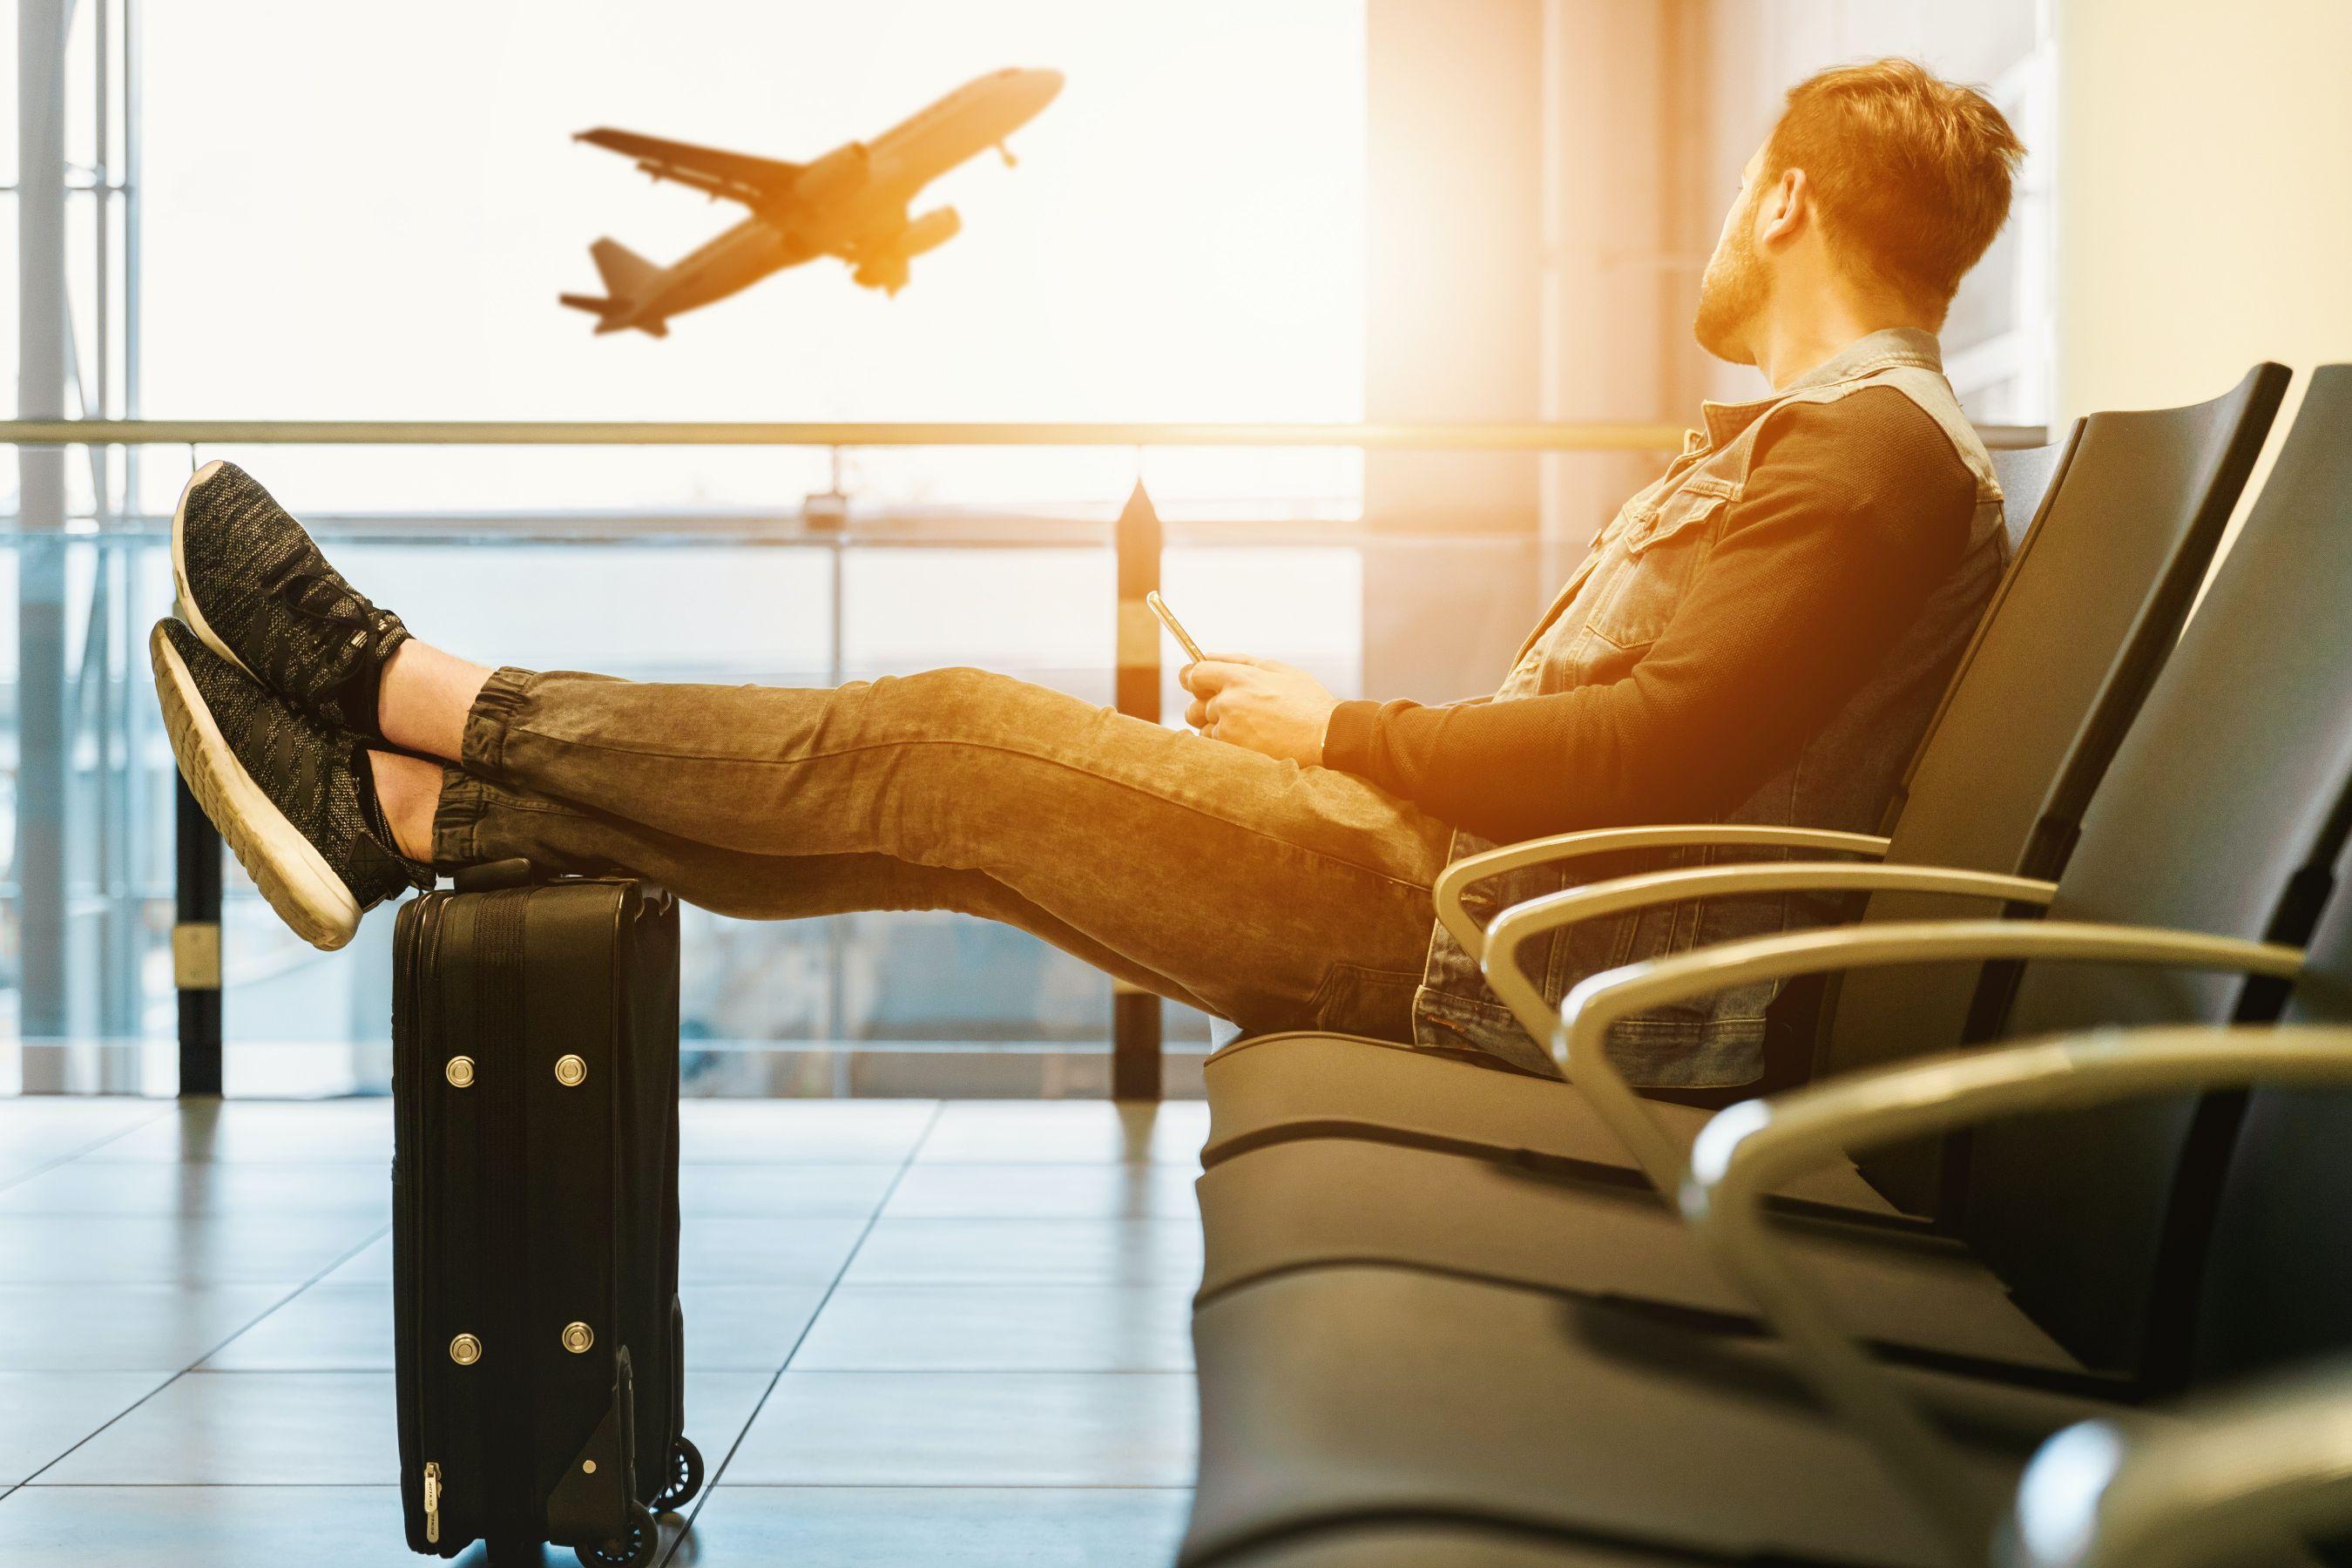 スカイマーク便の乗り継ぎ方法は?他社便との乗り継ぎも徹底解説!